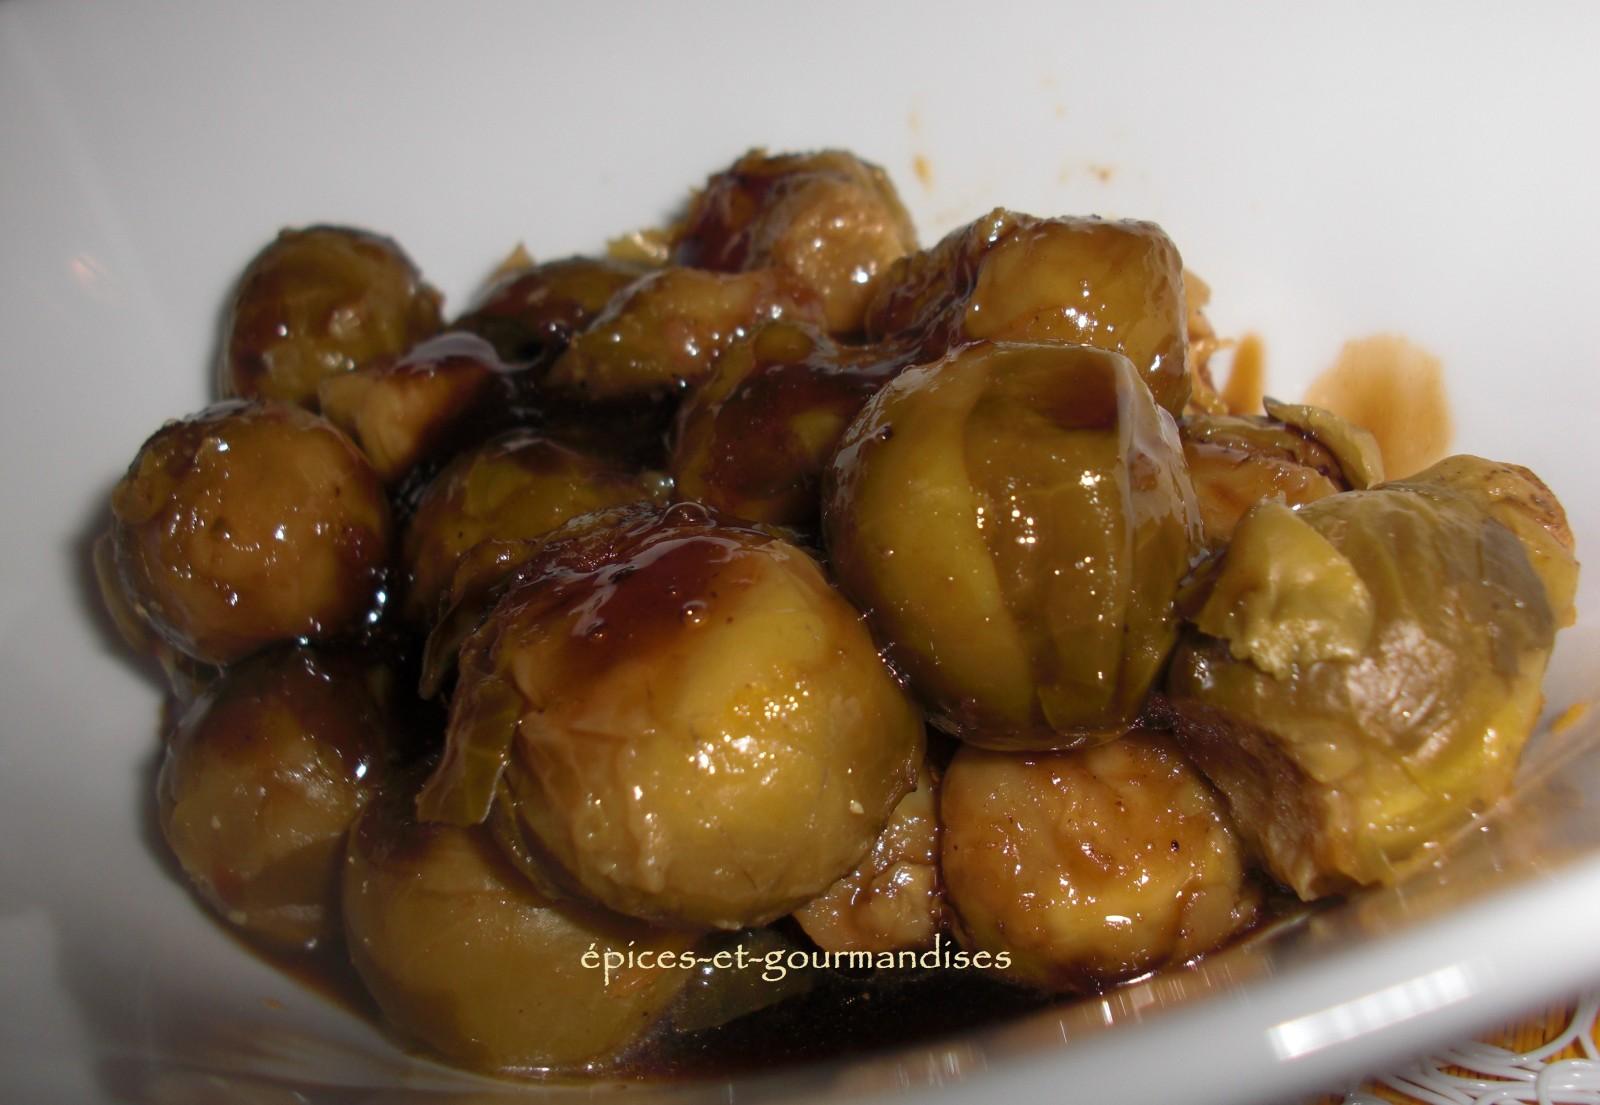 Comment faire cuire des choux de bruxelles frais - Comment cuisiner les choux de bruxelles ...